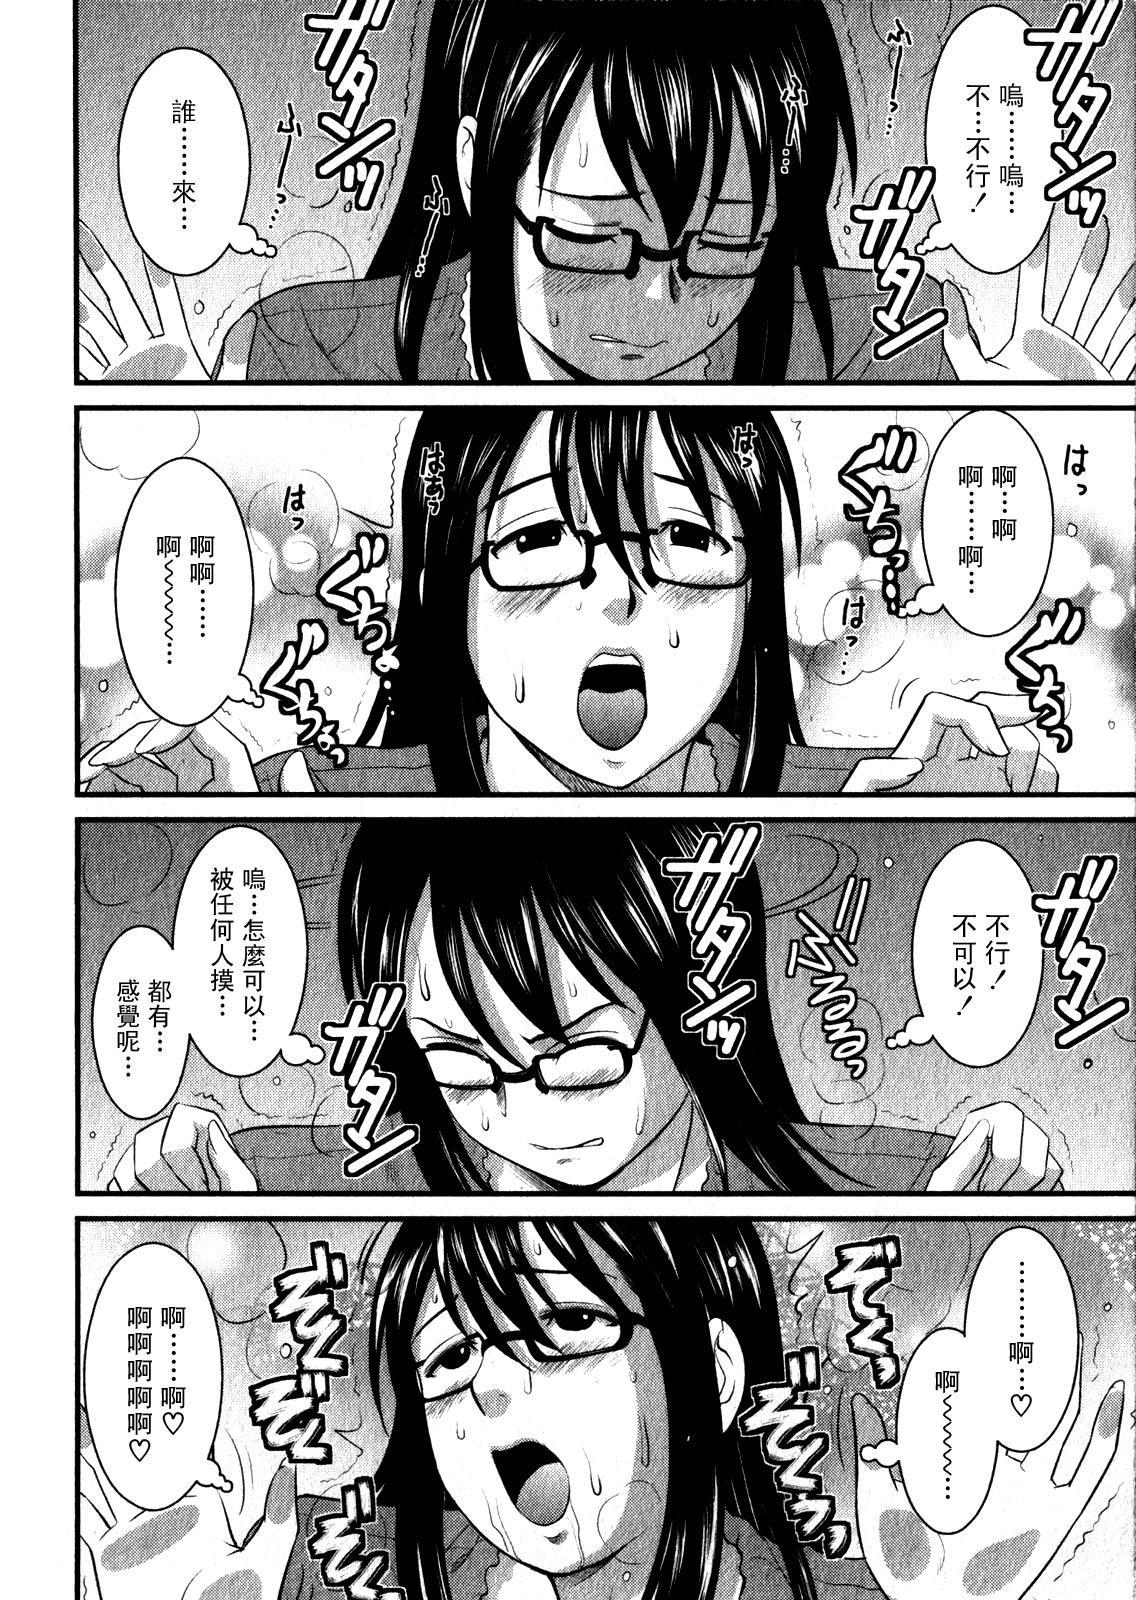 Otaku no Megami-san 1 35